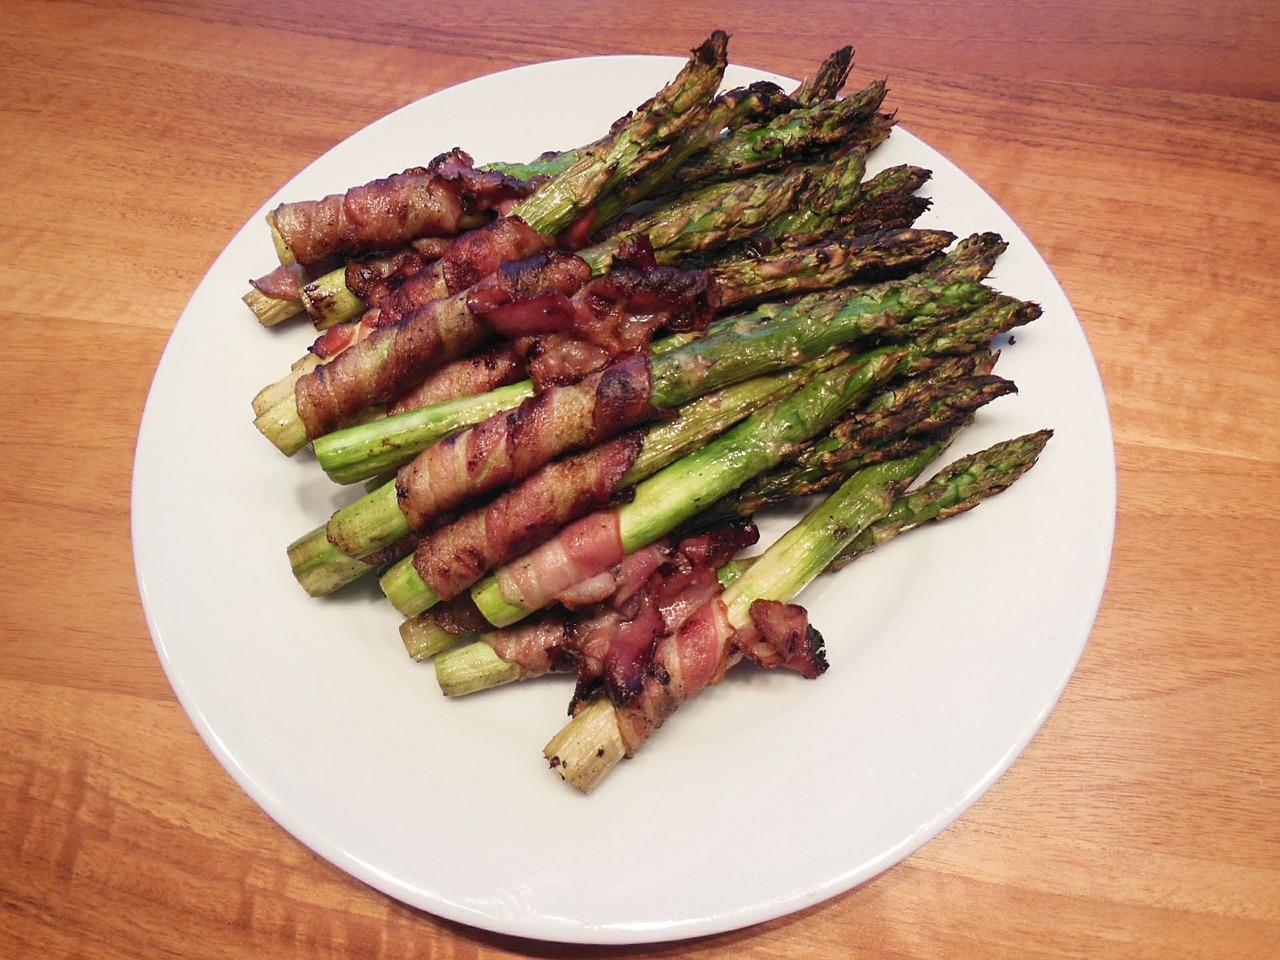 asparagus-607992_1280.jpg